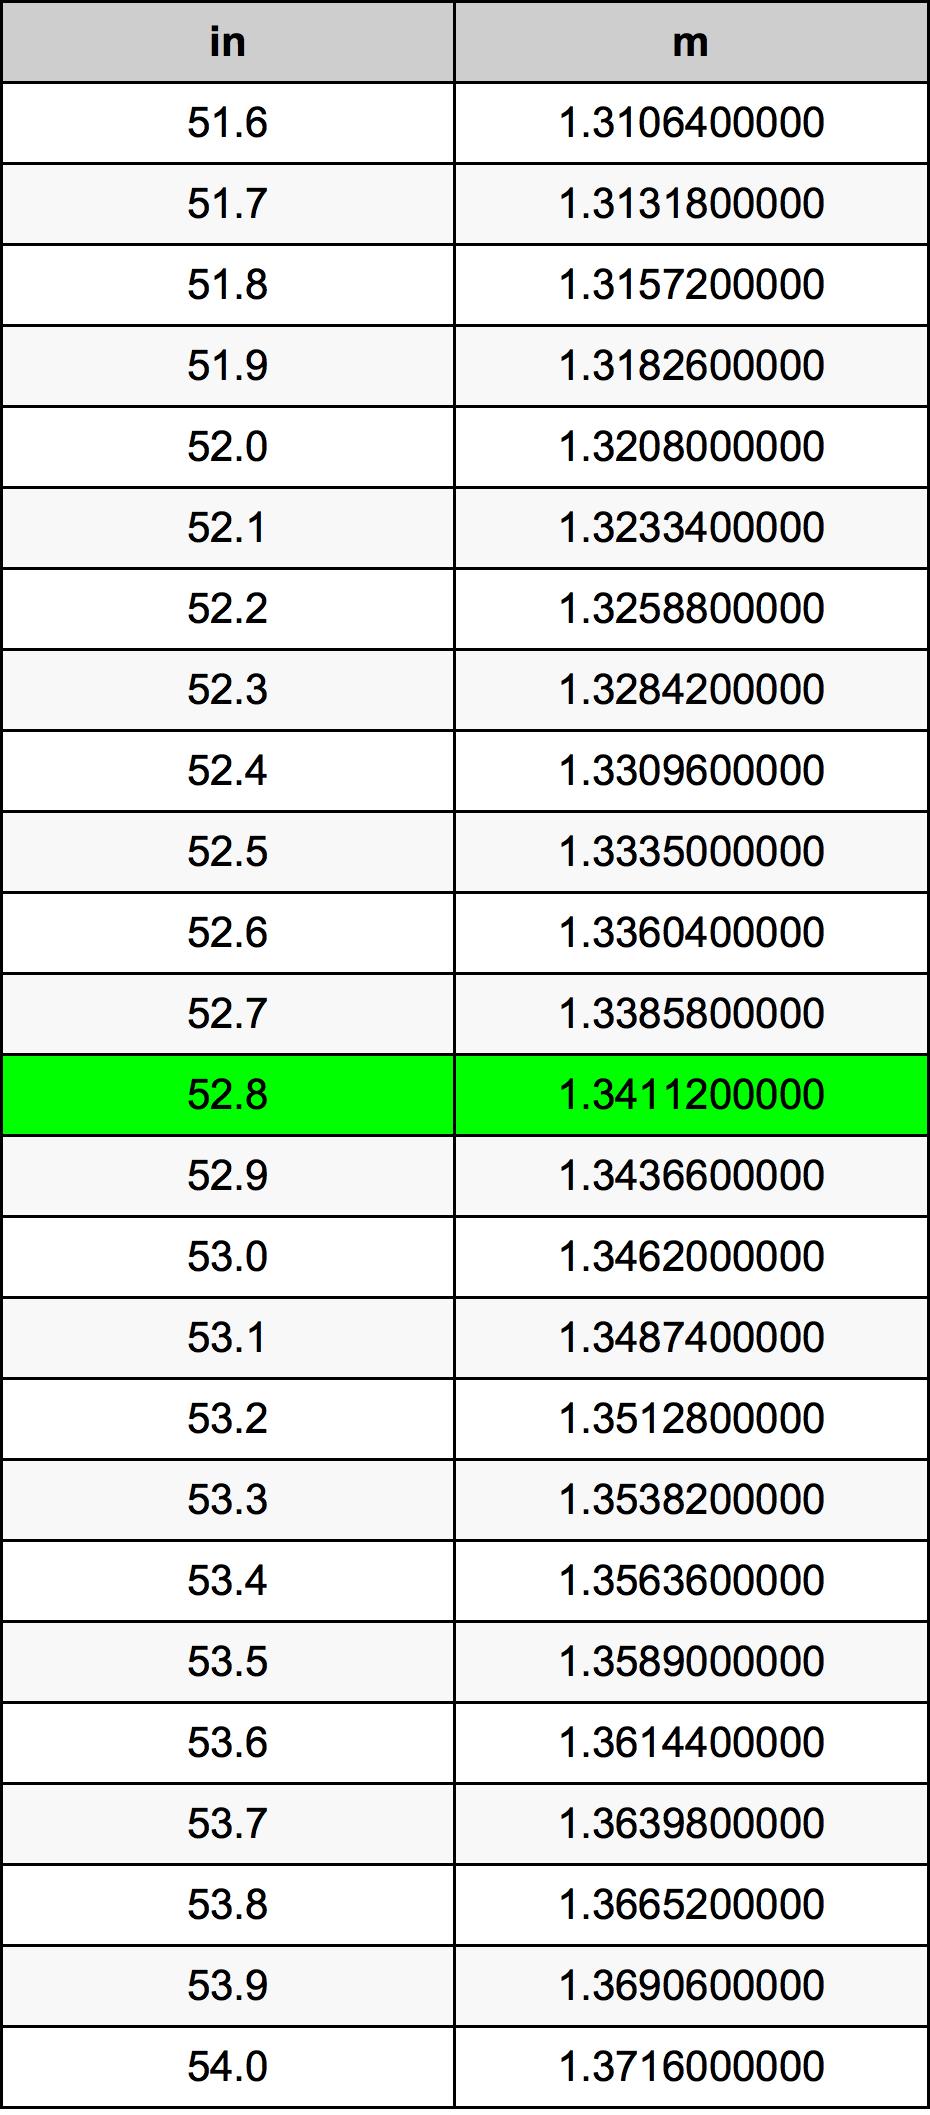 52.8 Pulzier konverżjoni tabella